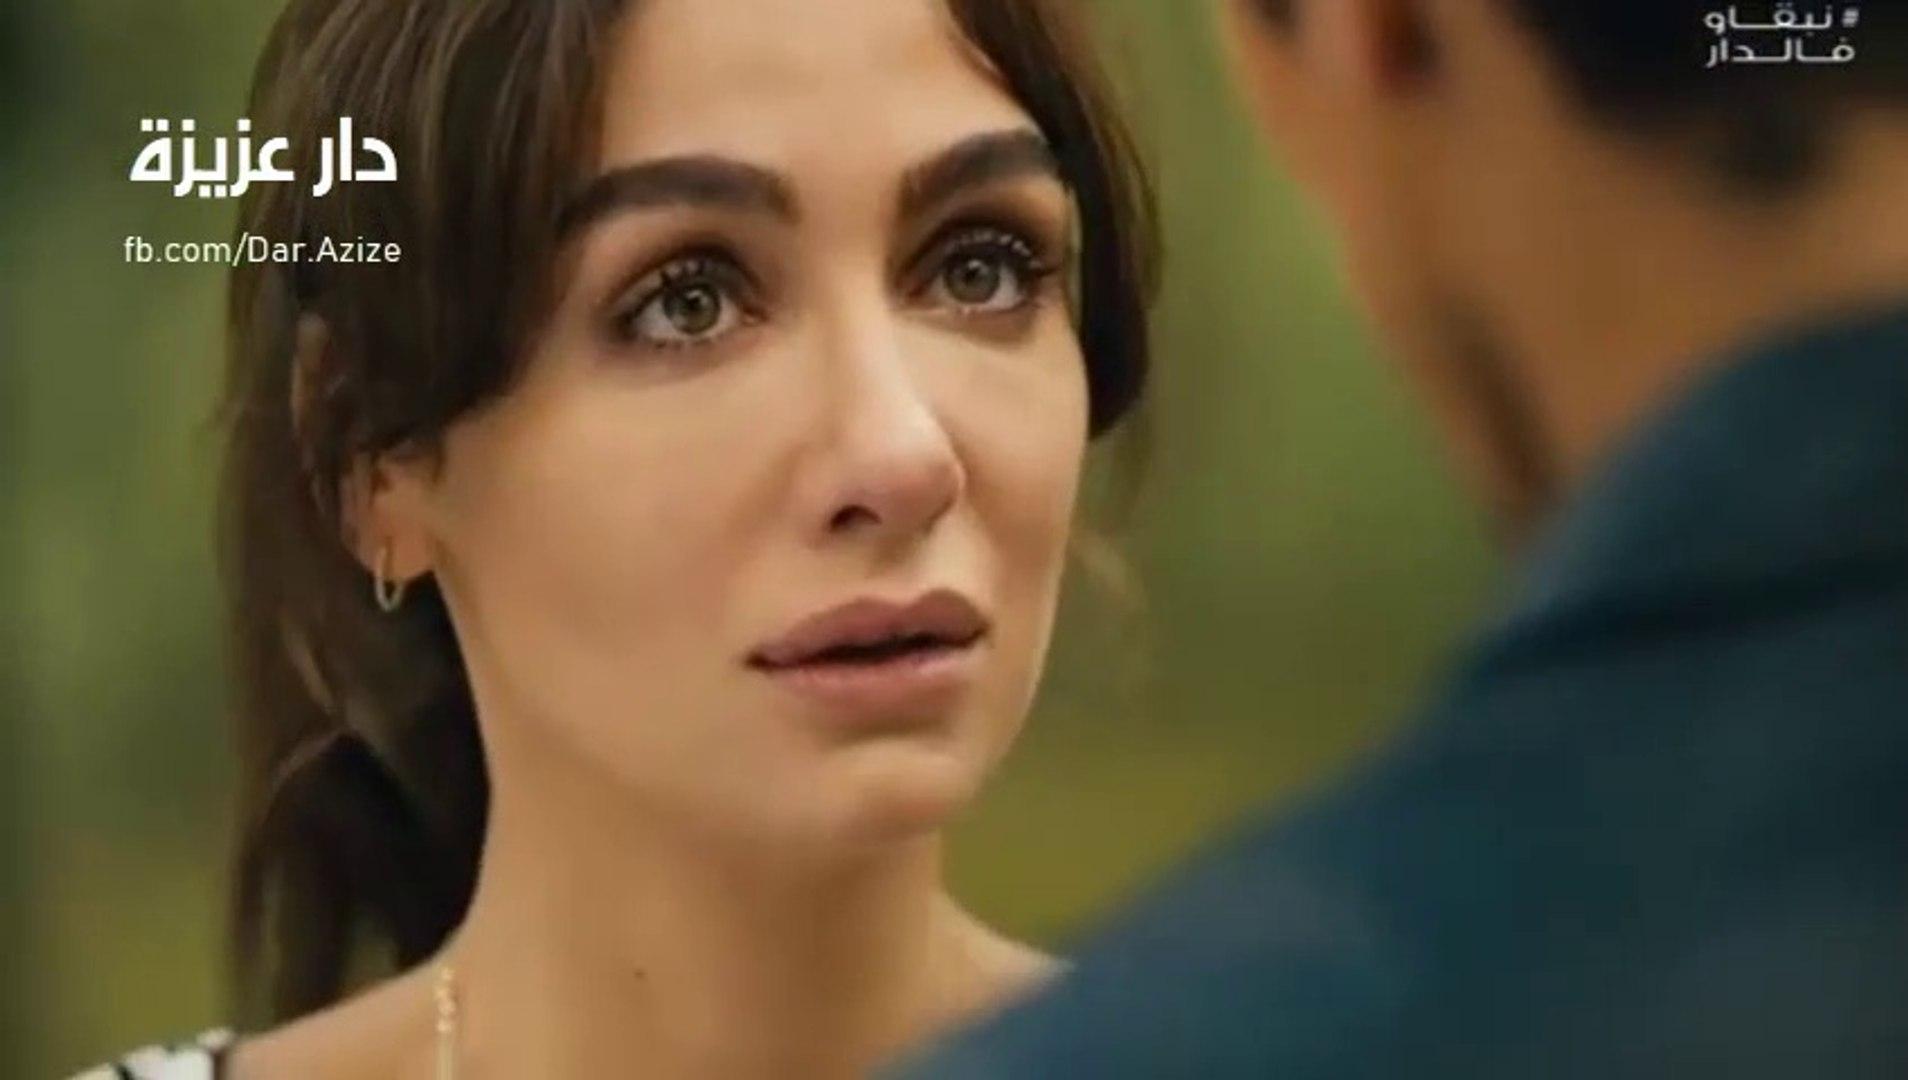 مسلسل حب أبيض أسود الحلقة 4 مدبلج بالمغربية فيديو Dailymotion